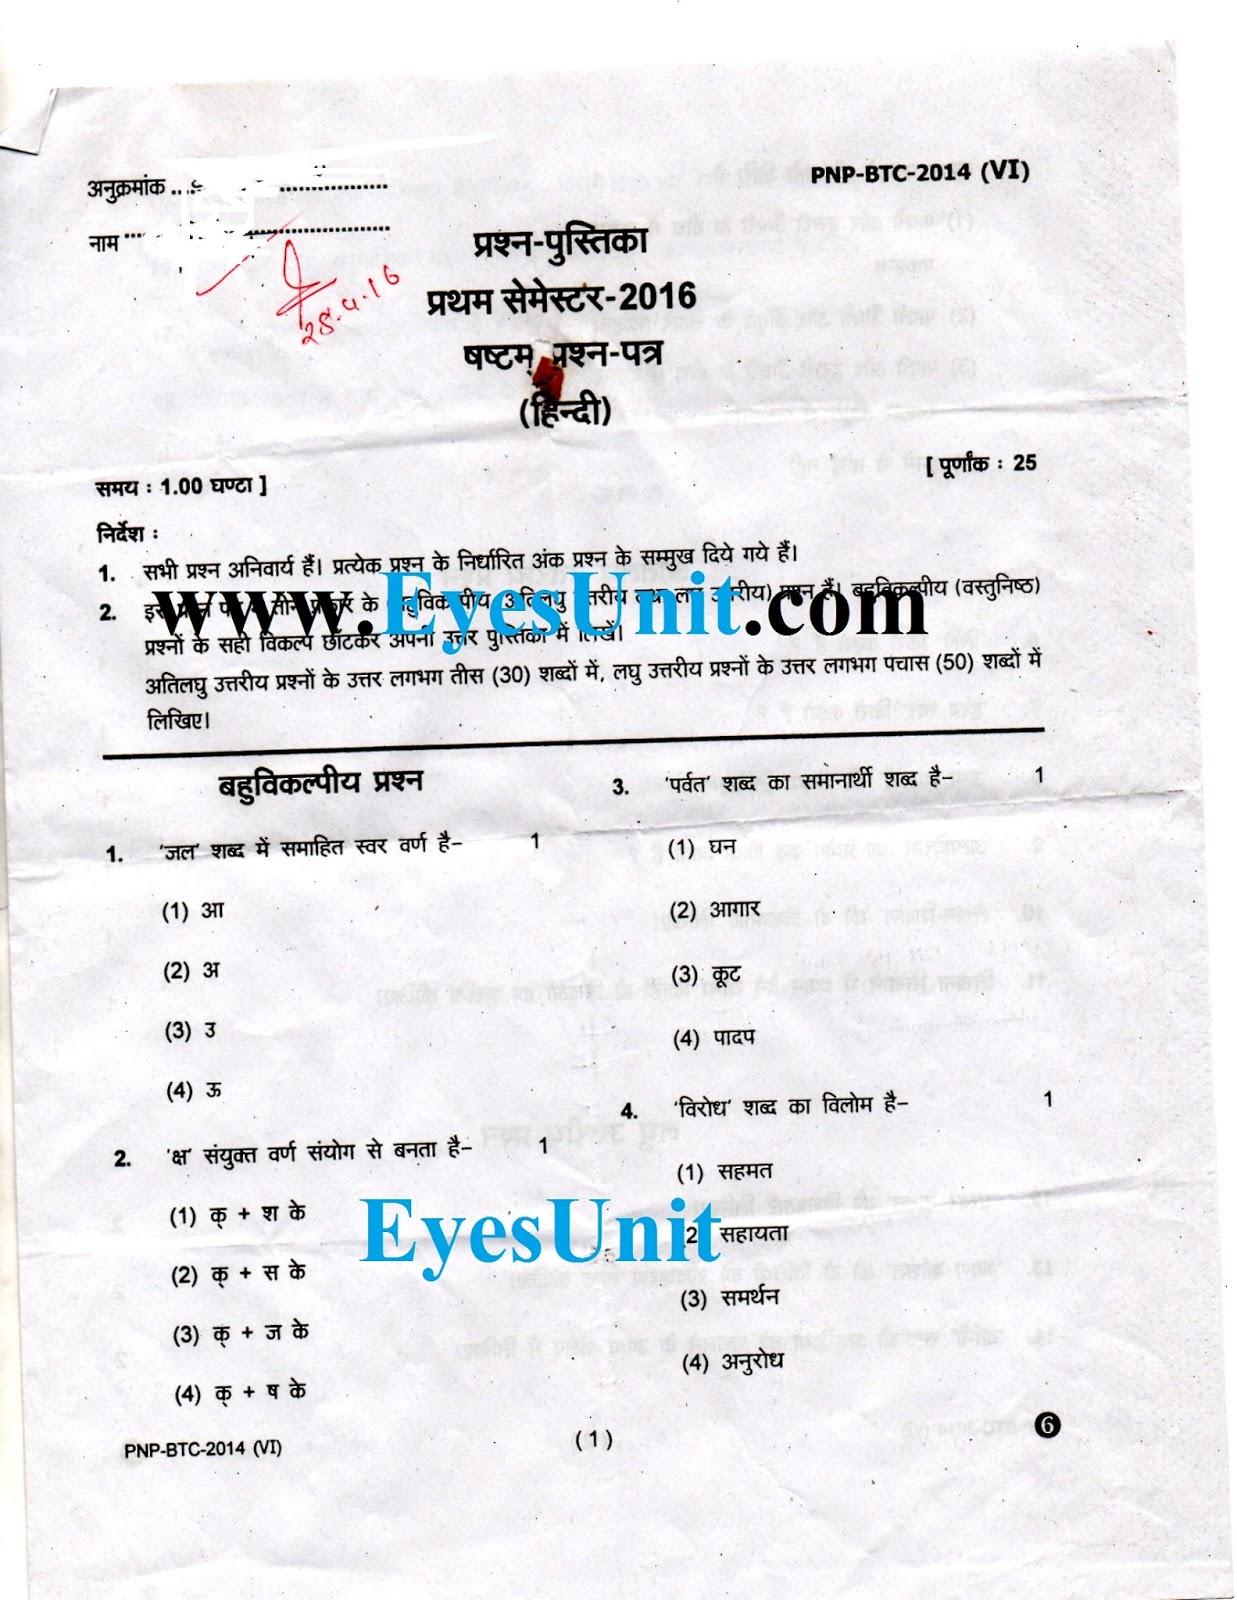 up btc carta domanda 1 ° semestre in hindi)